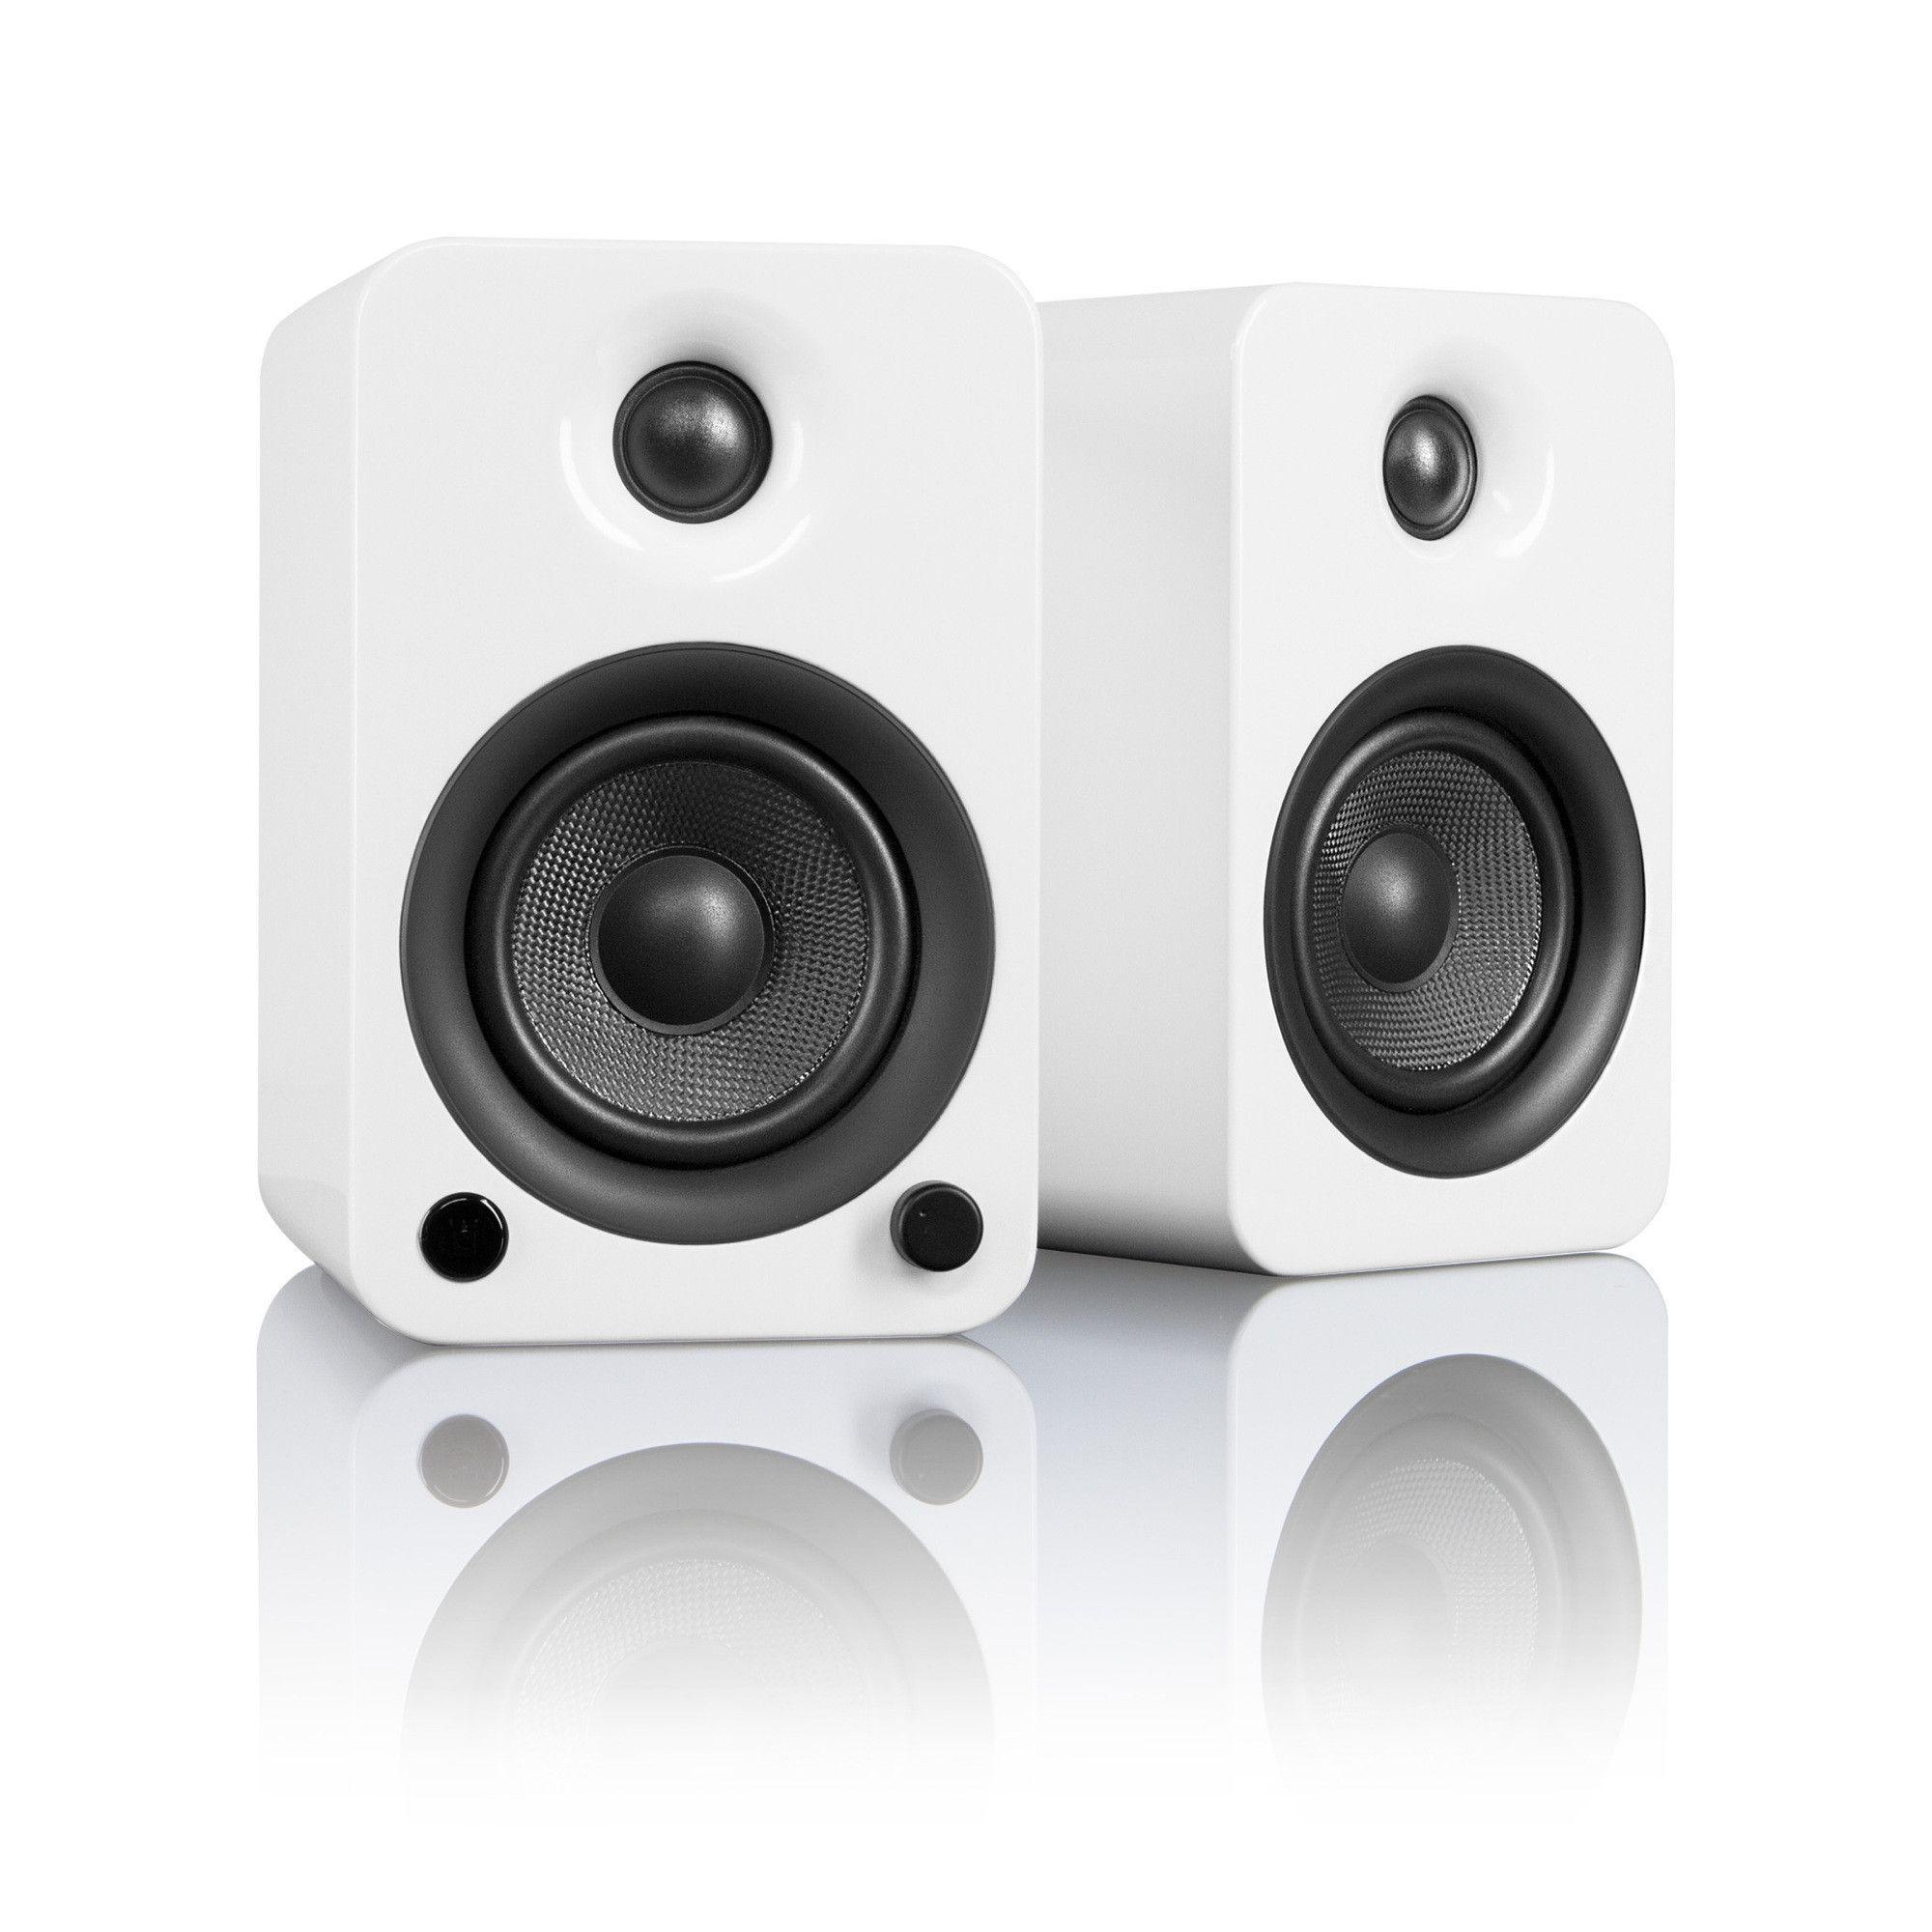 speakers img audio andrew home reviews and bookshelf speaker pioneer jones affordable